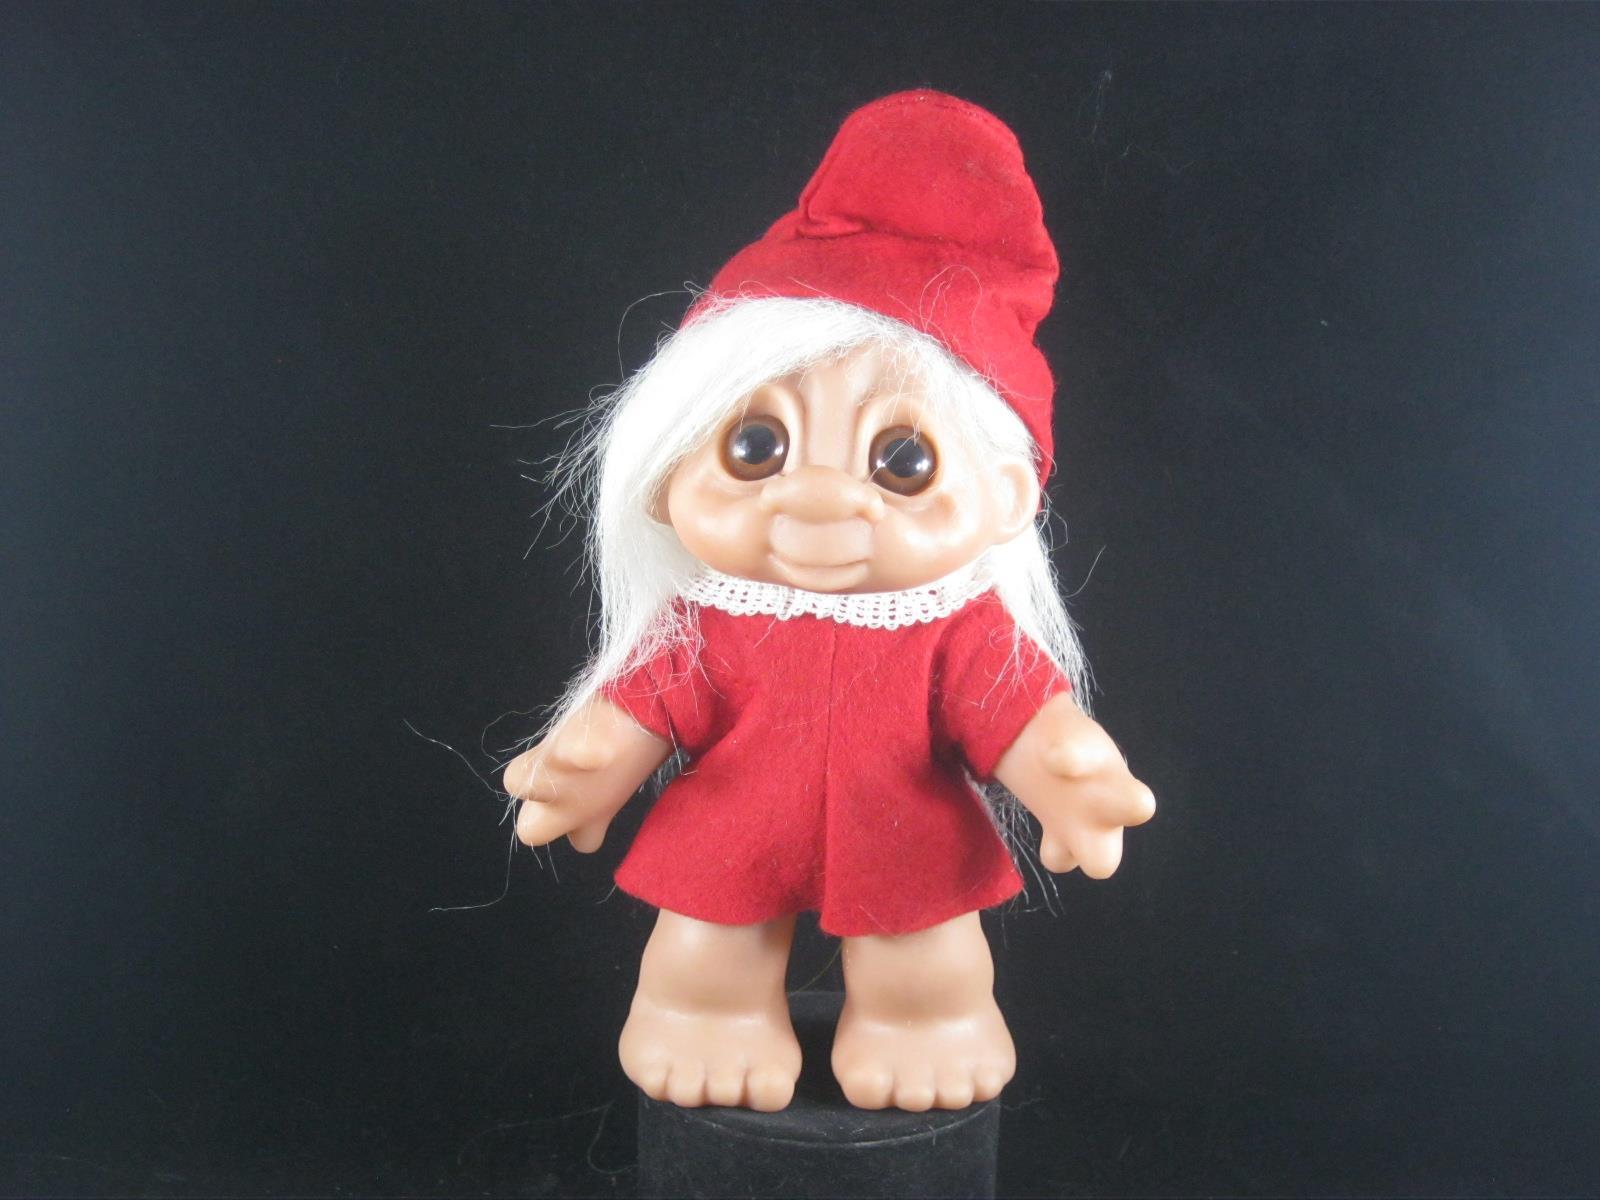 1988 6.5 DAM Elf pelo blancoo, Rojo Fieltro Vestido Con Encaje blancoo en el cuello y Rojo Hatu 656